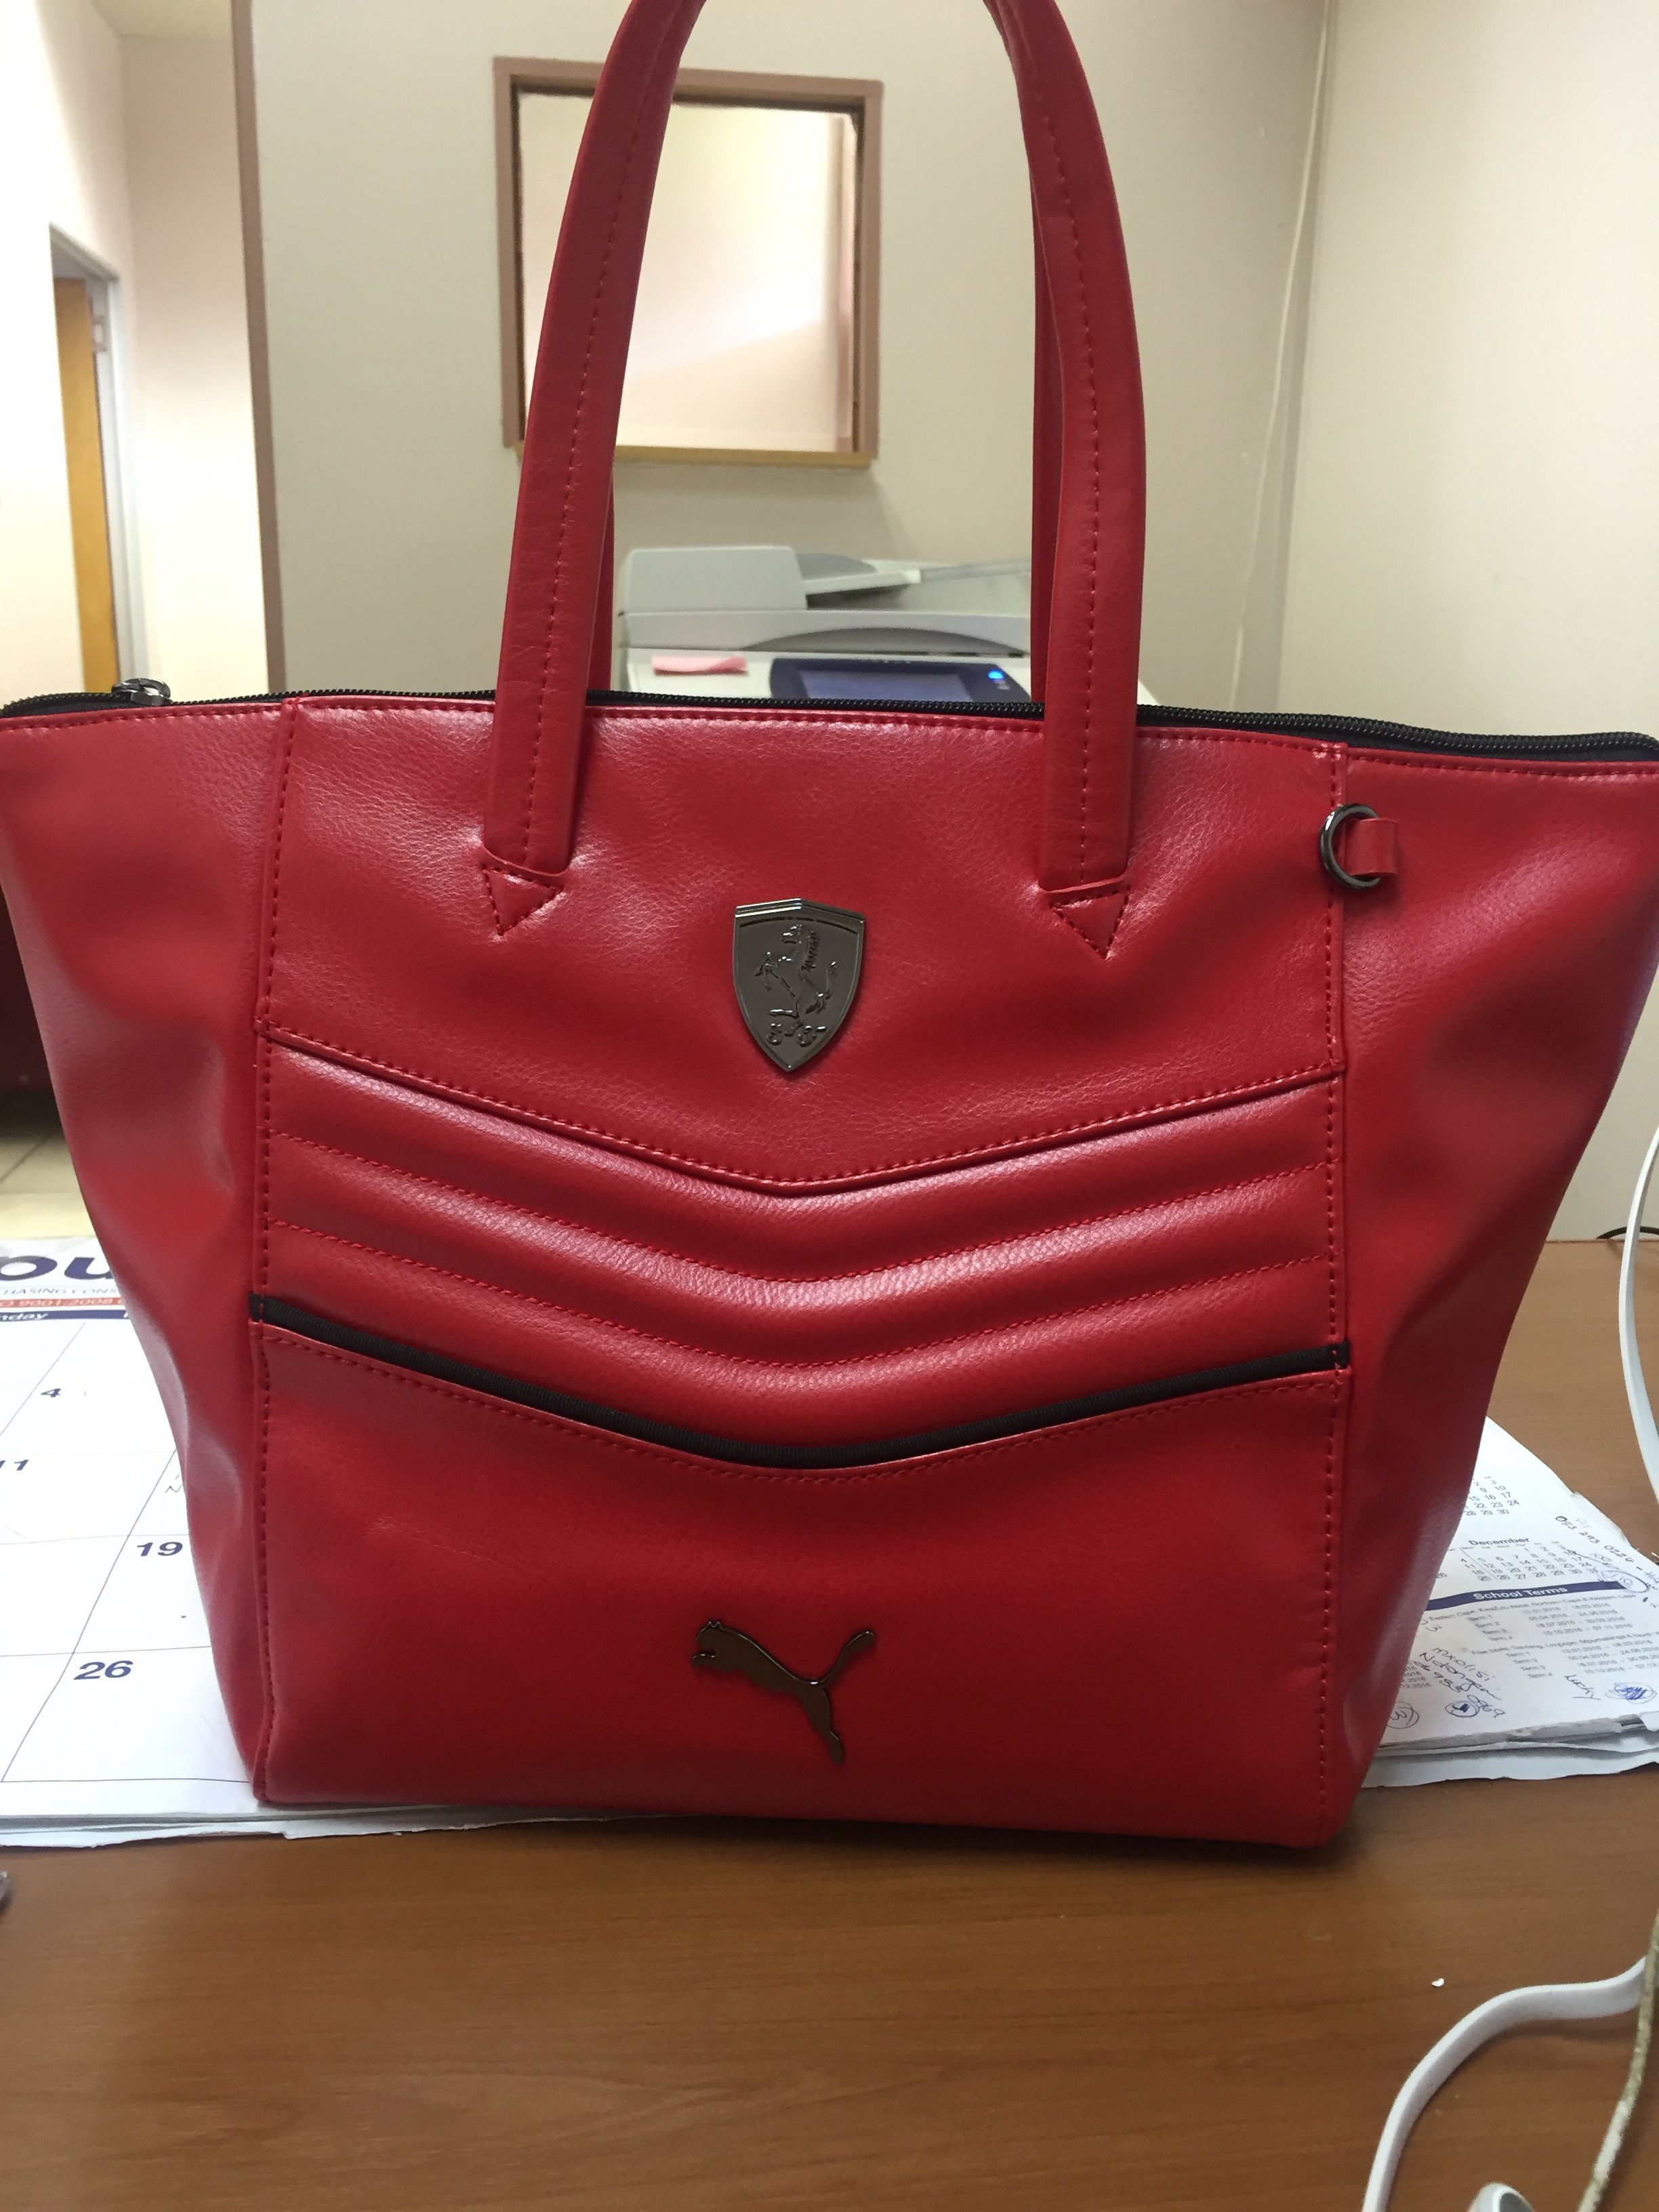 Puma handbag. Cos I'm a puma fan